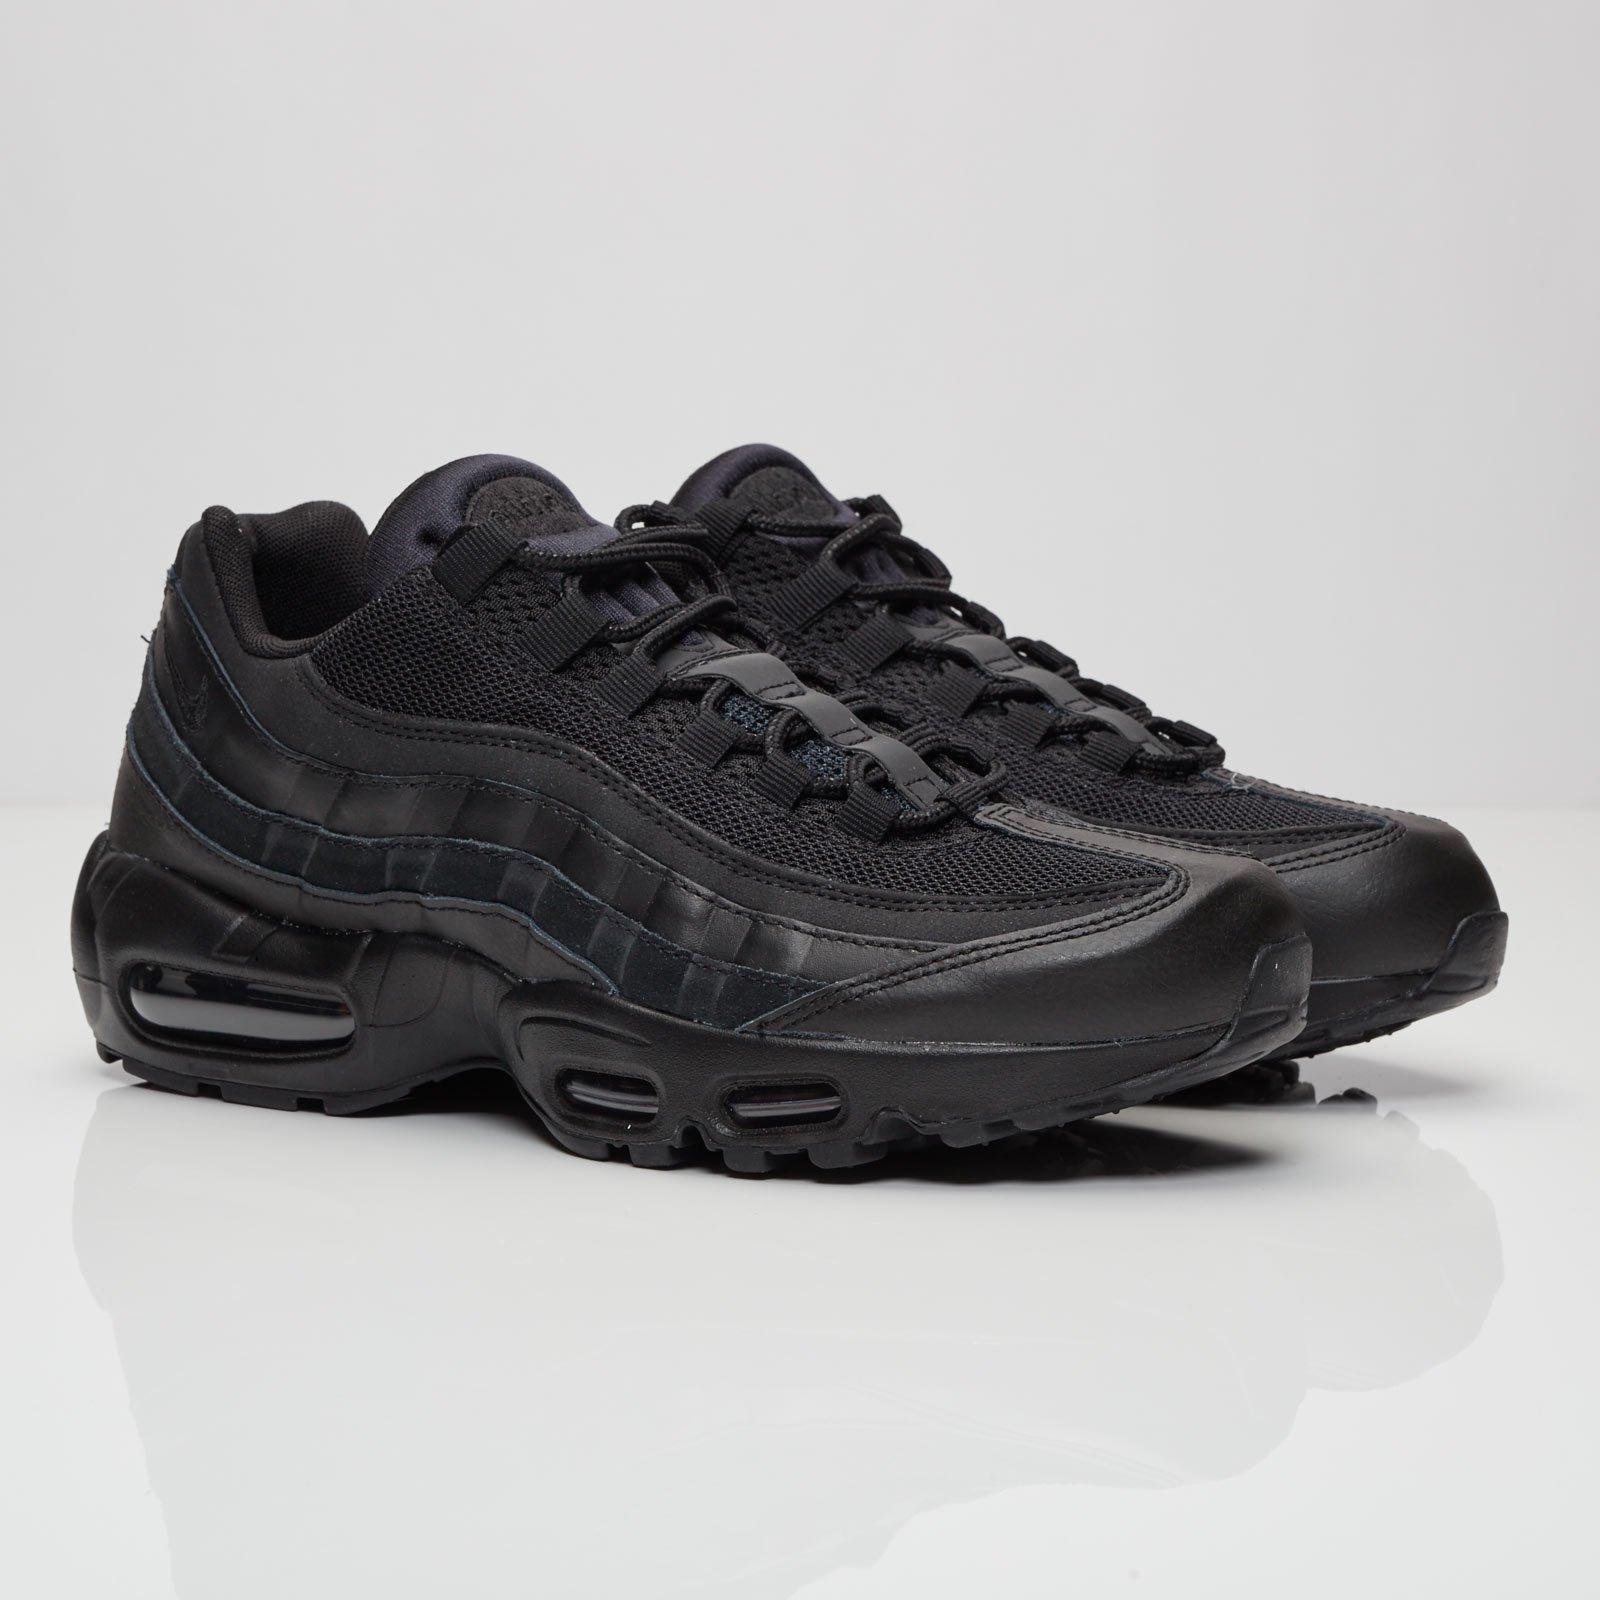 Nike Air Max 95 Essential 749766 009 Sneakersnstuff